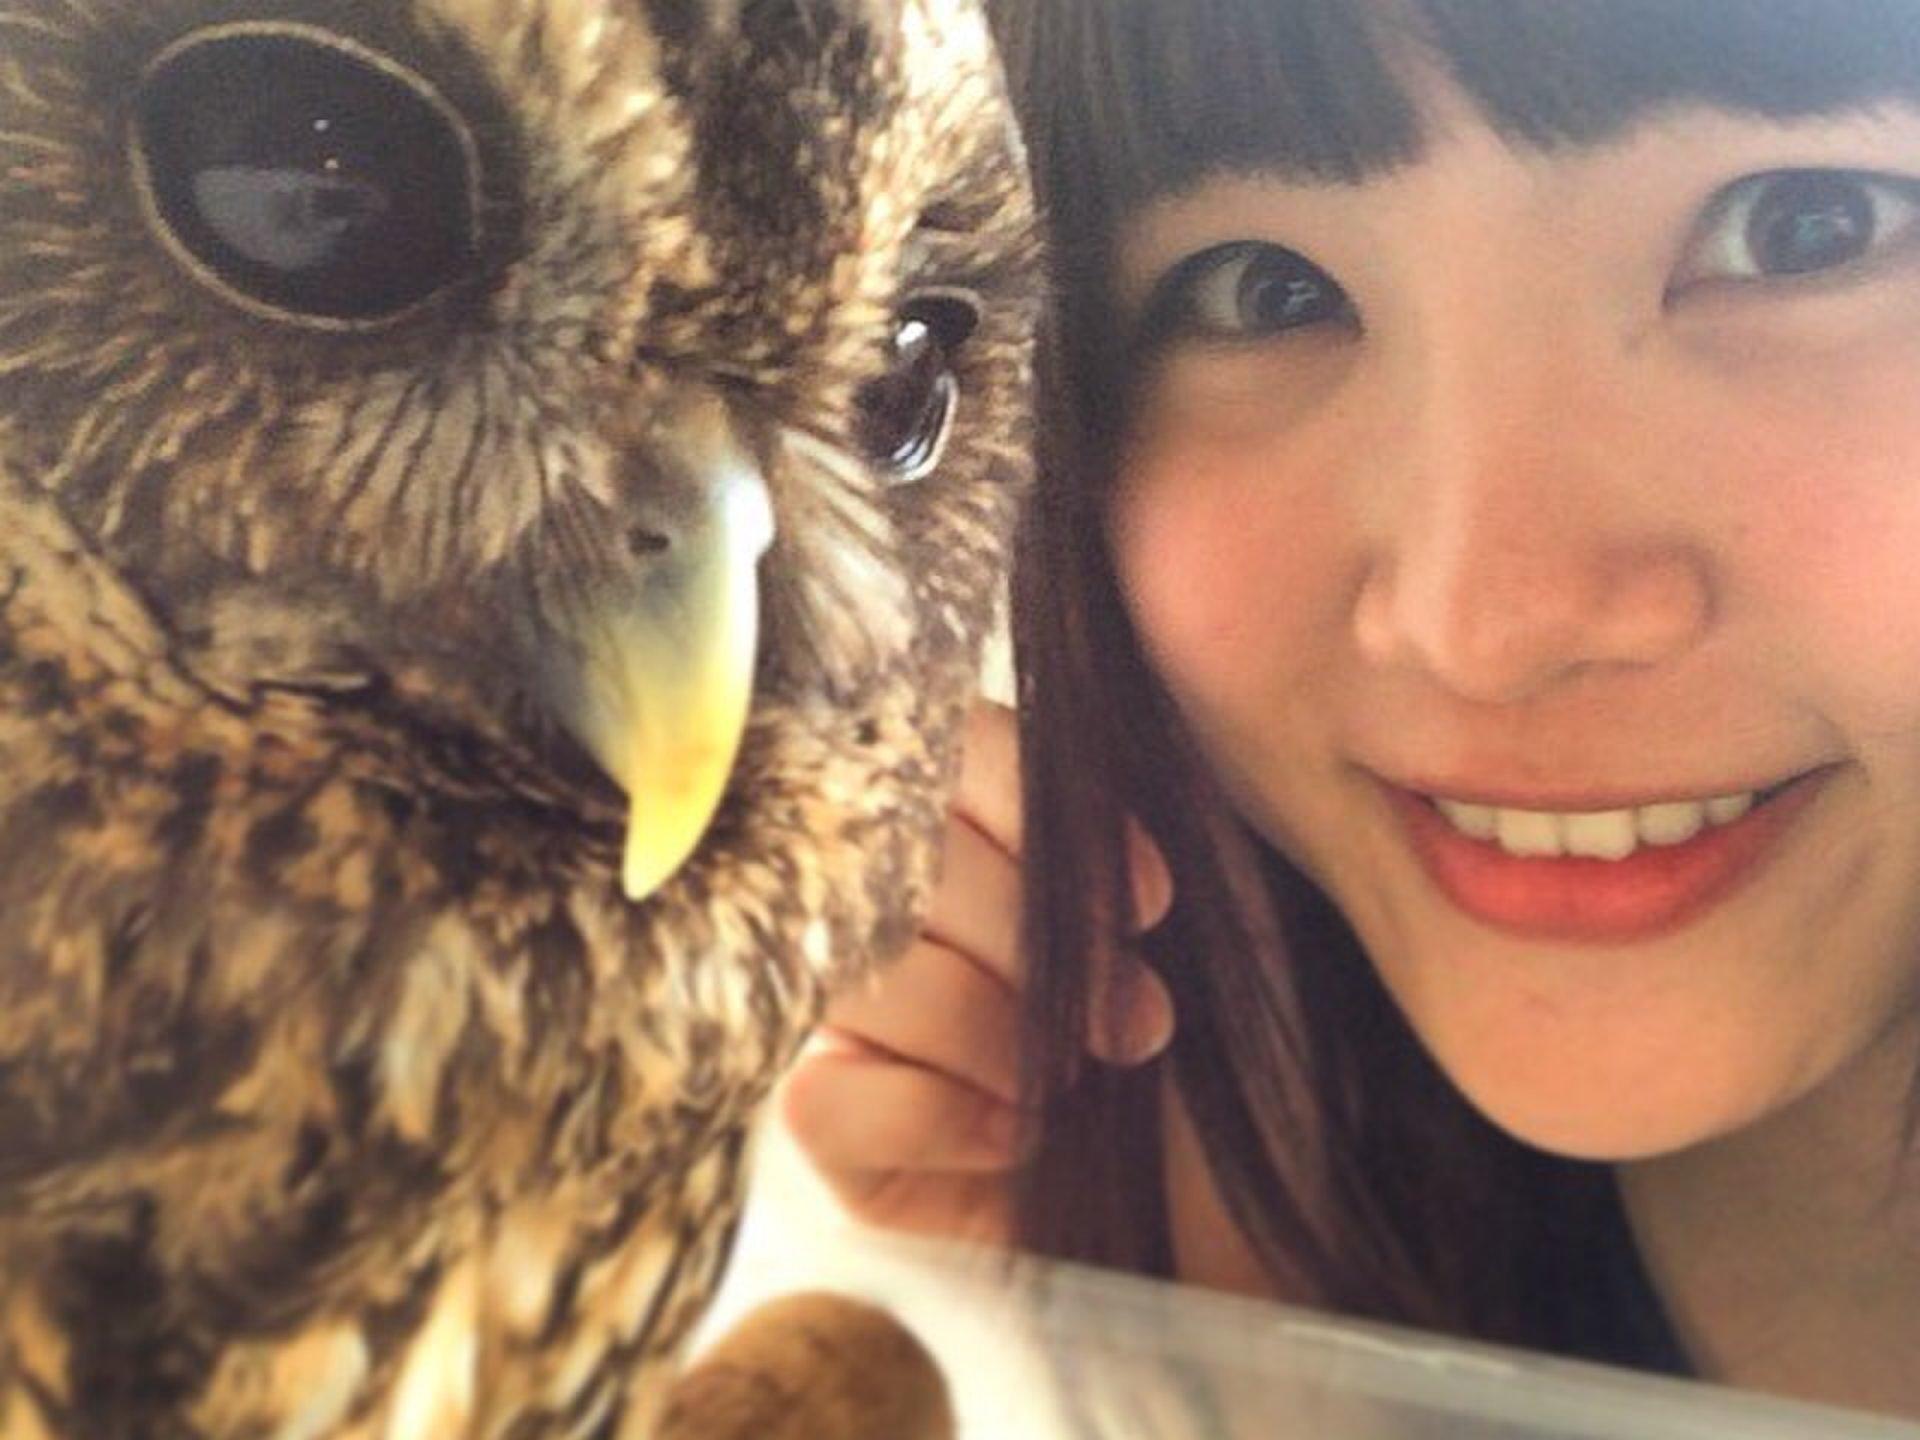 フクロウ・ハヤブサに癒される!名古屋の動物カフェ「アニマルカフェ&バー ZOO」♡